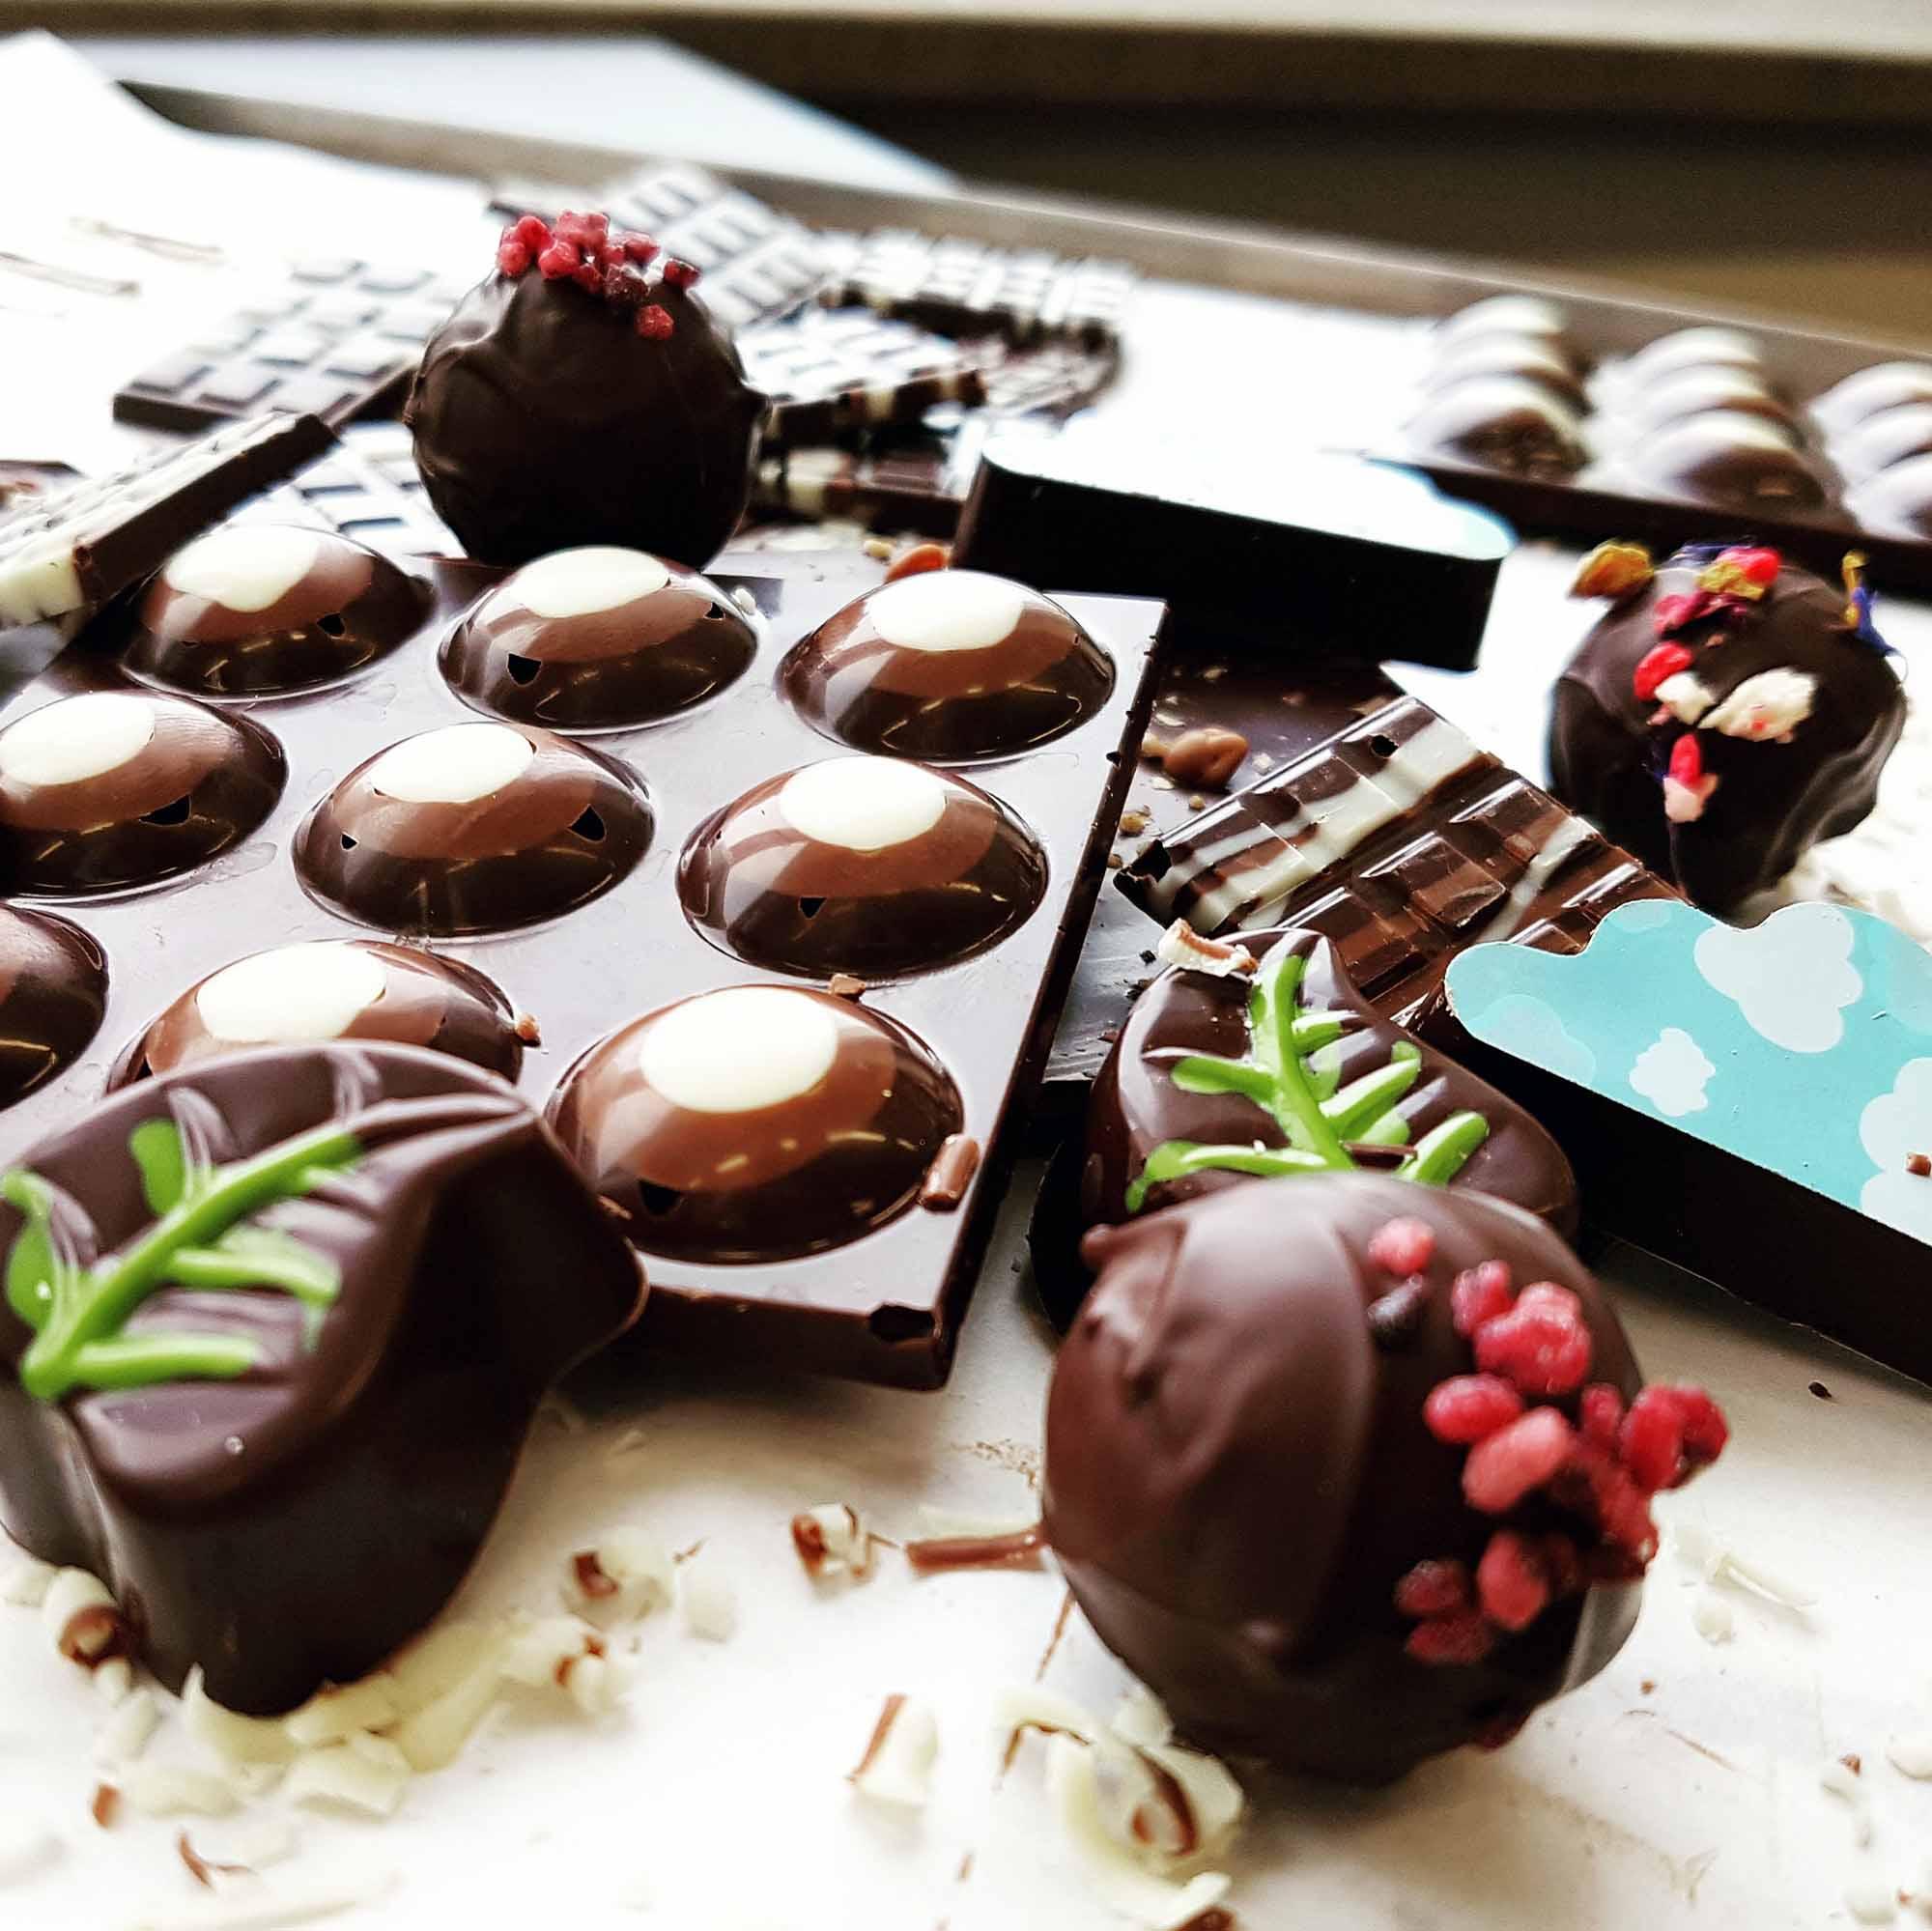 Betty - Endspurt in Richtung Schokoladen-Sommelière - Schokolade will getestet werden